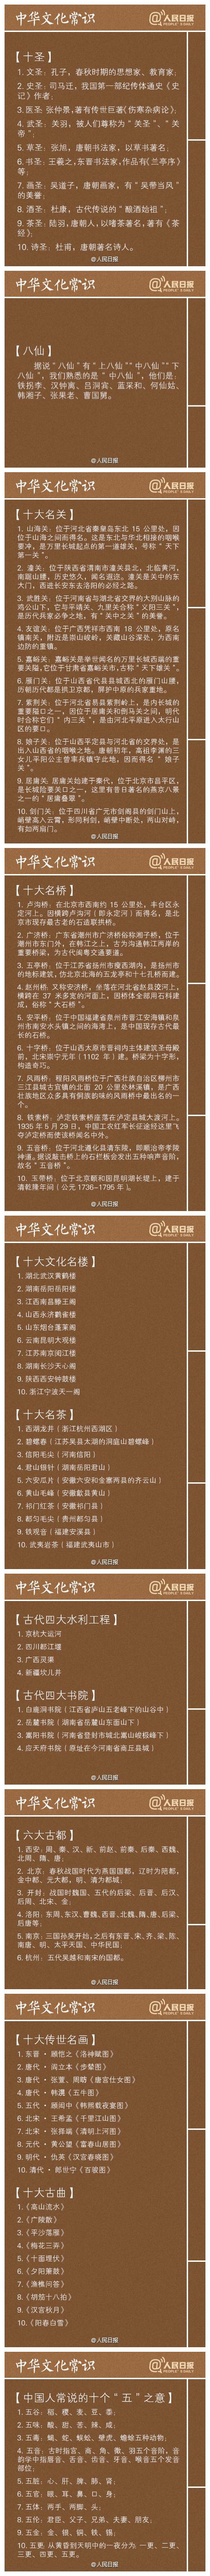 常识积累:最全中华文化常识